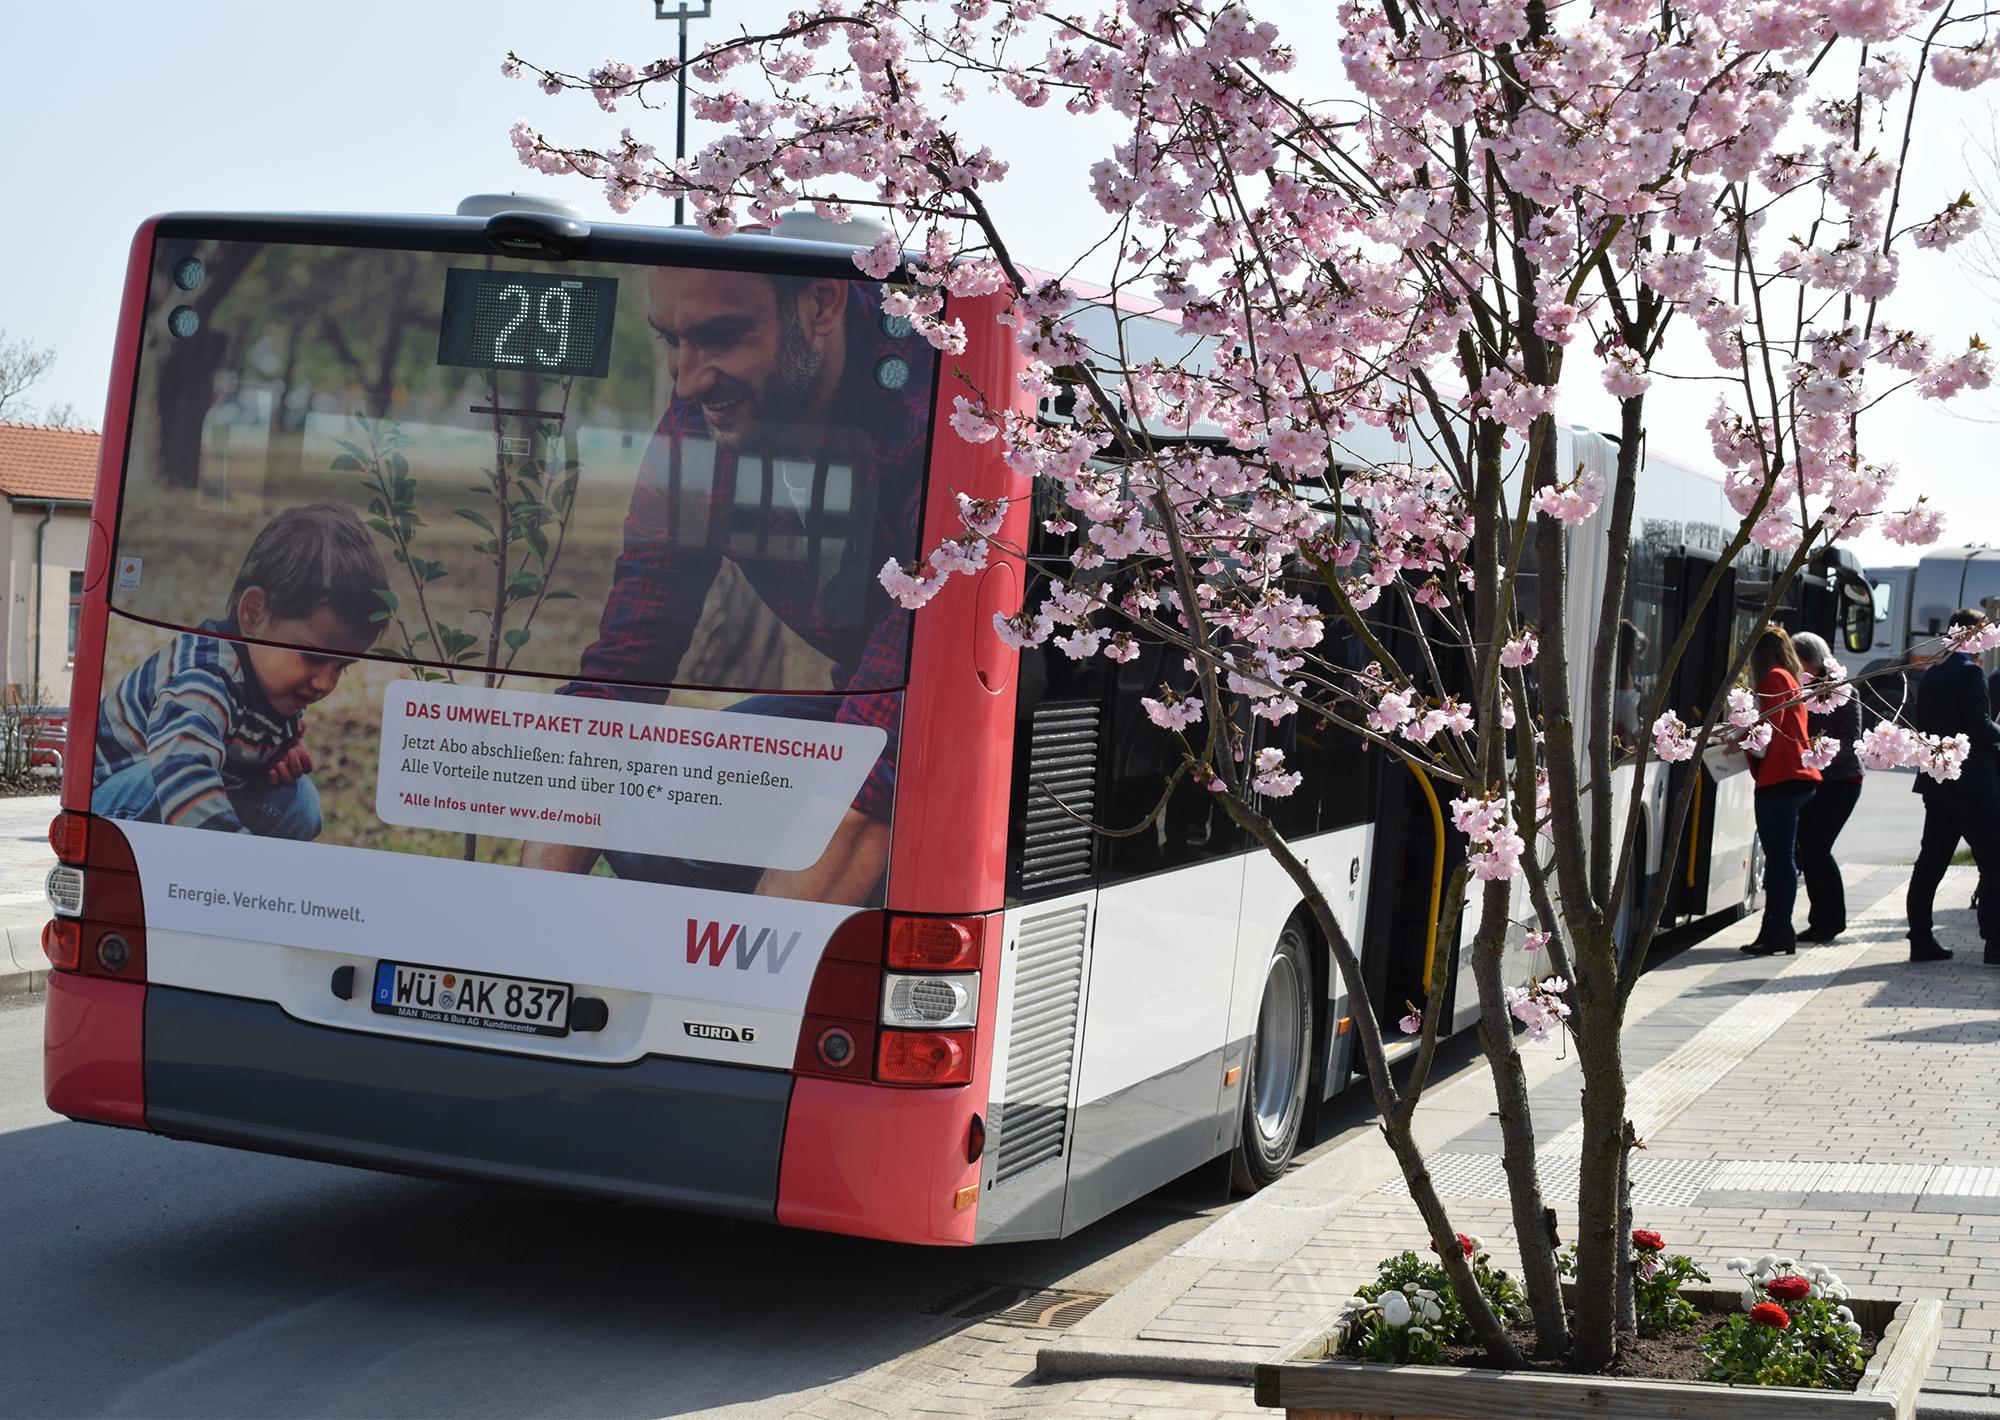 WVV-Bus an einer Haltestelle im Hubland